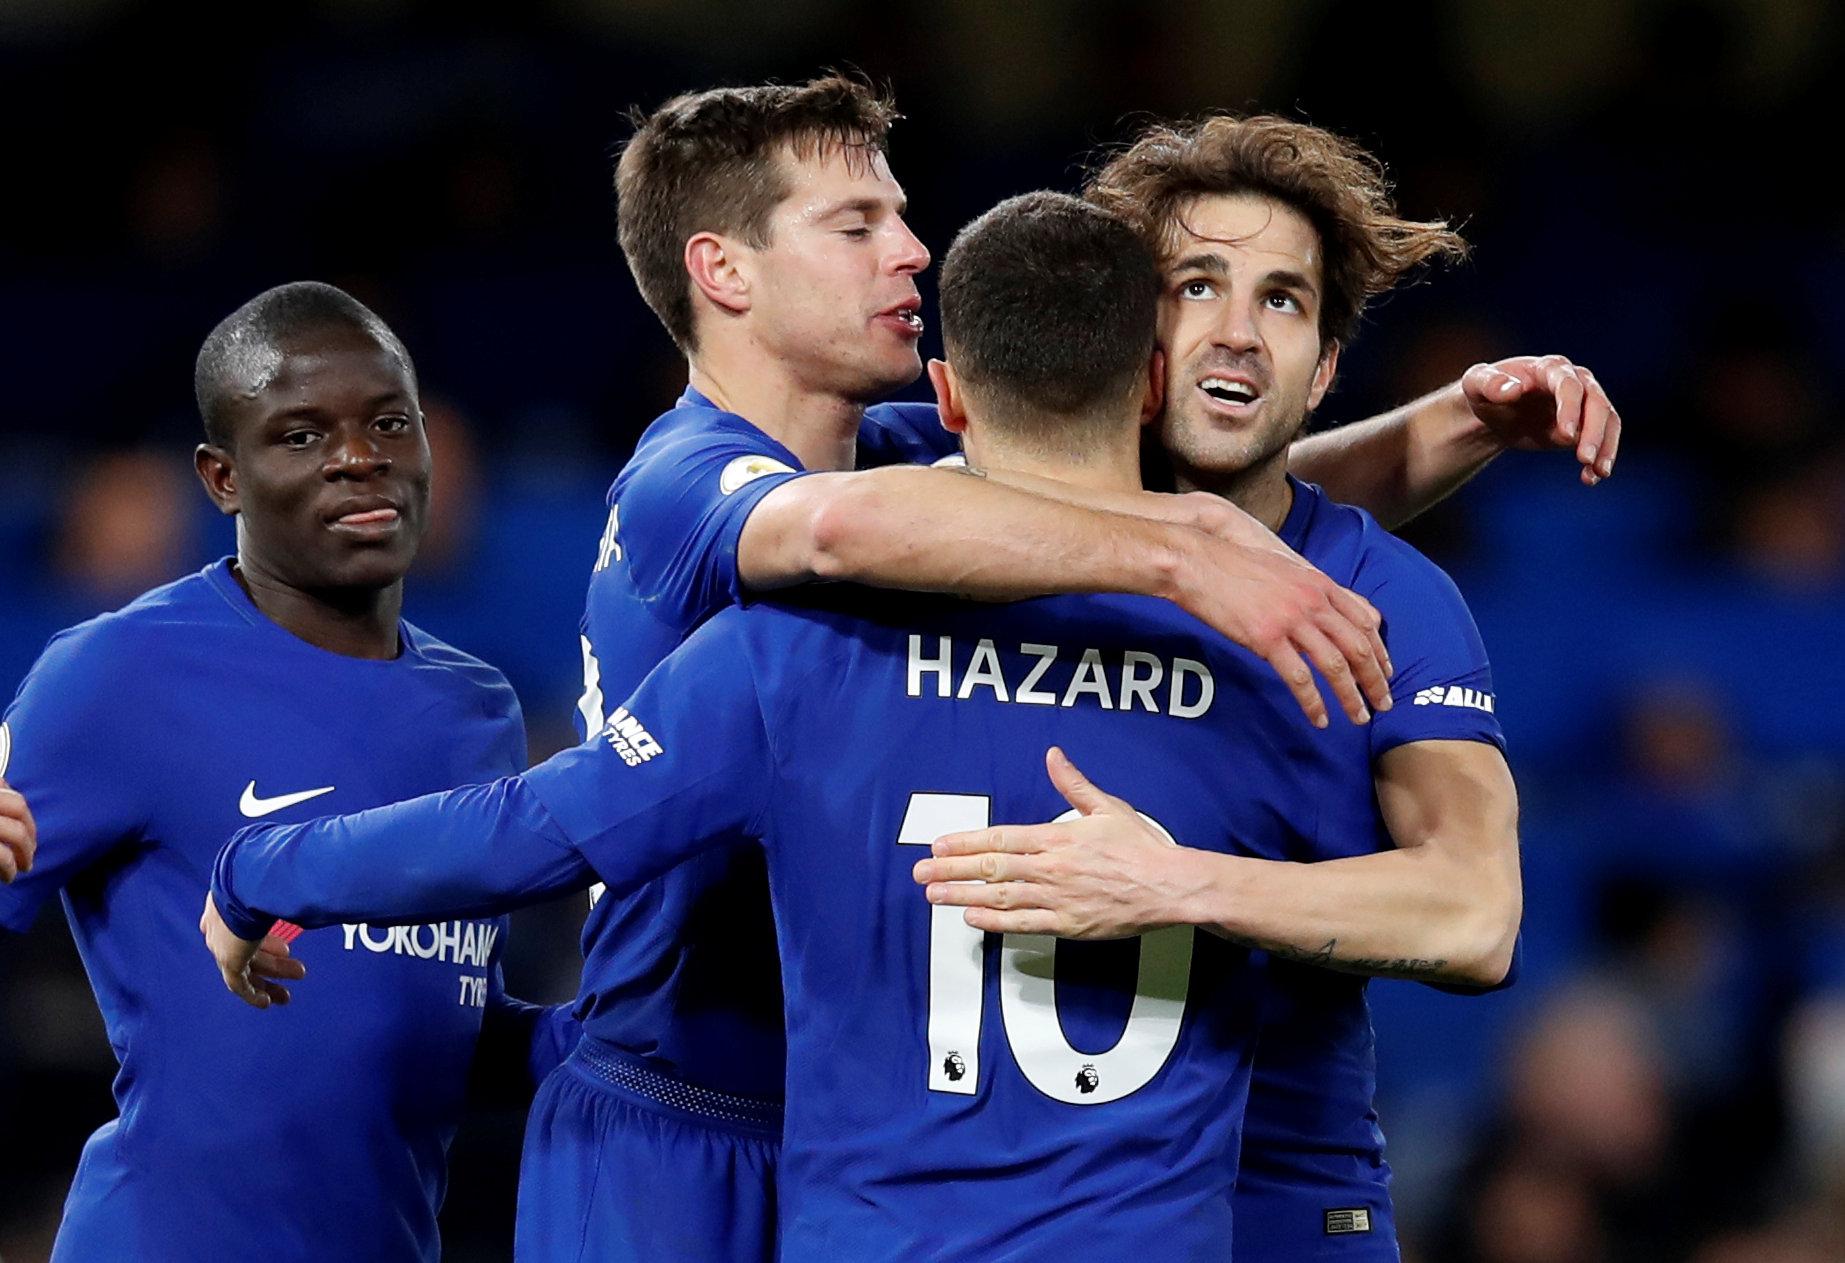 Niềm vui của các cầu thủ Chelsea sau khi Hazard nâng tỉ số lên 3-0. Ảnh: REUTERS